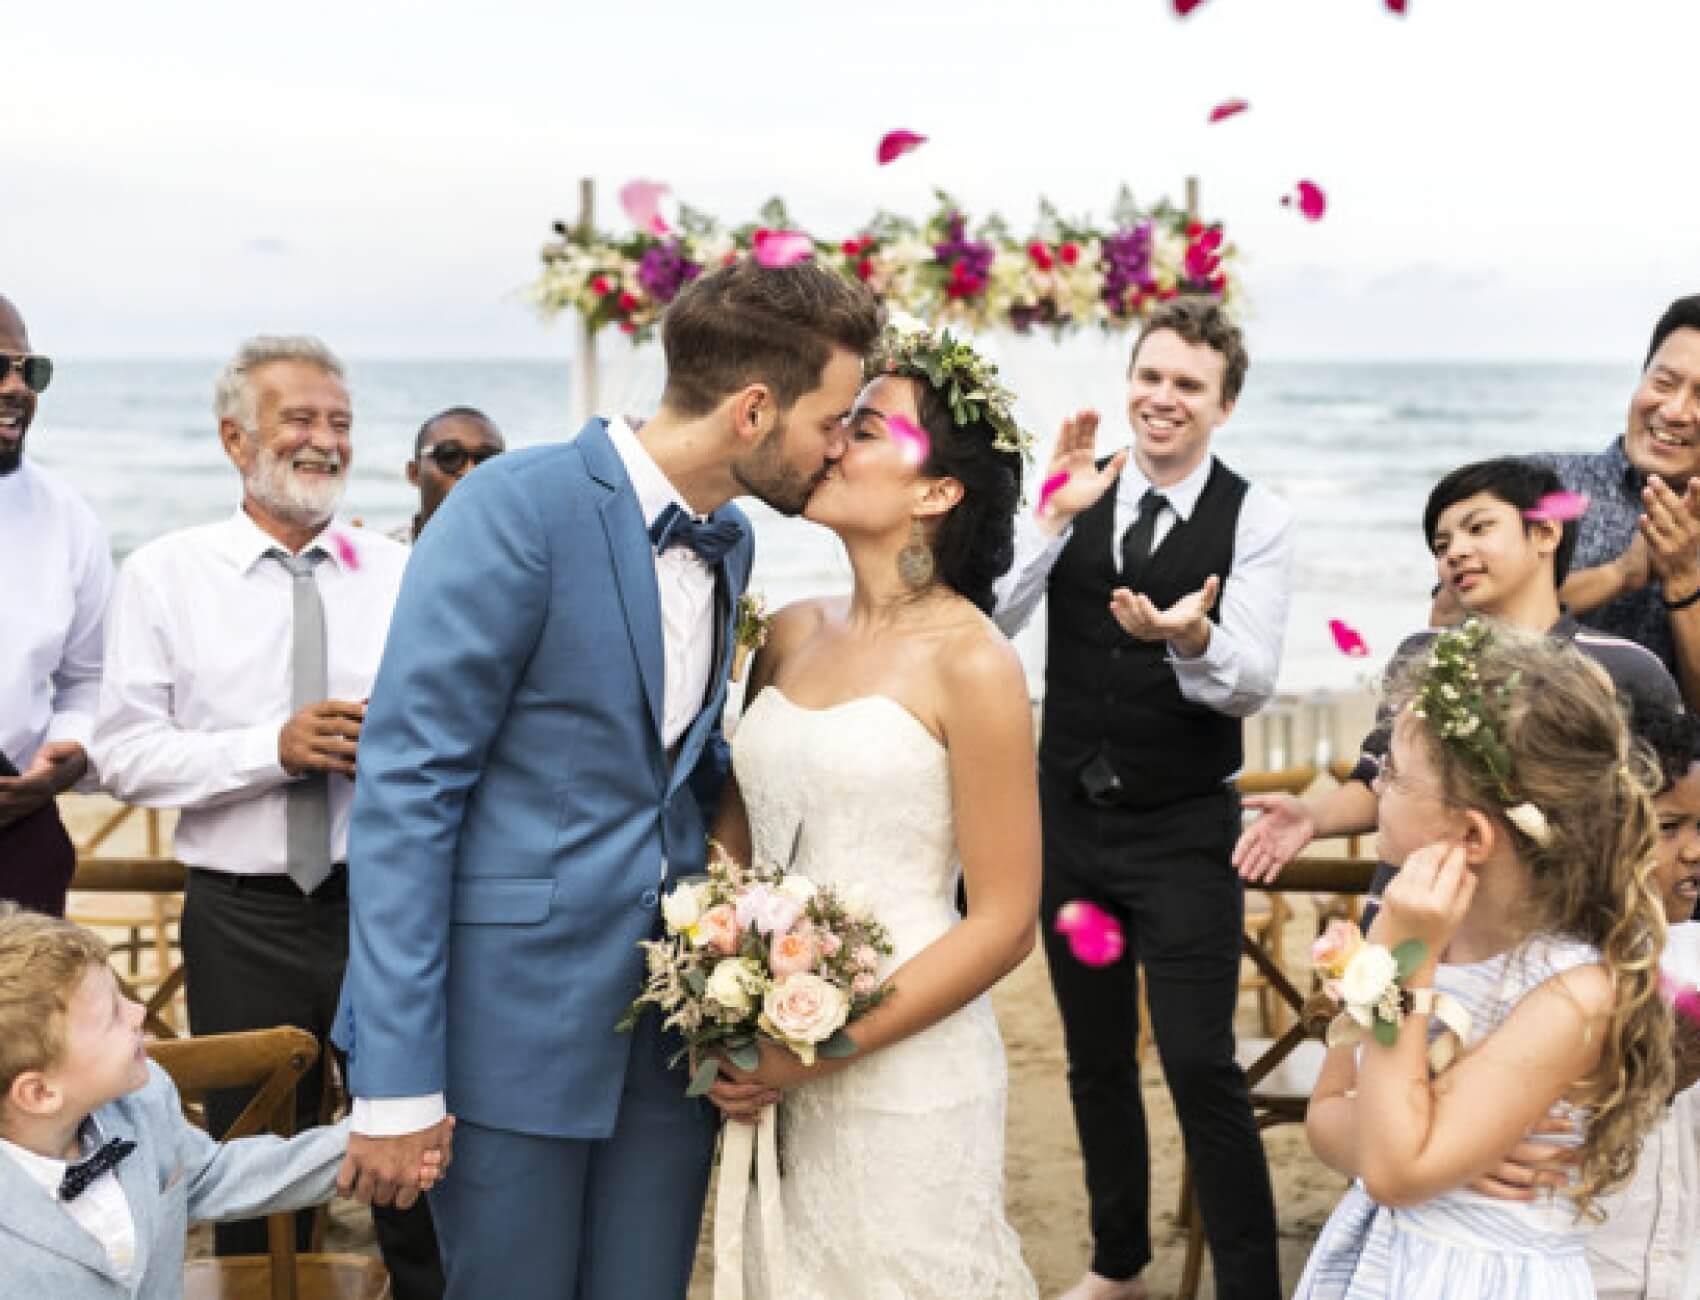 düğün fikirleri nelerdir